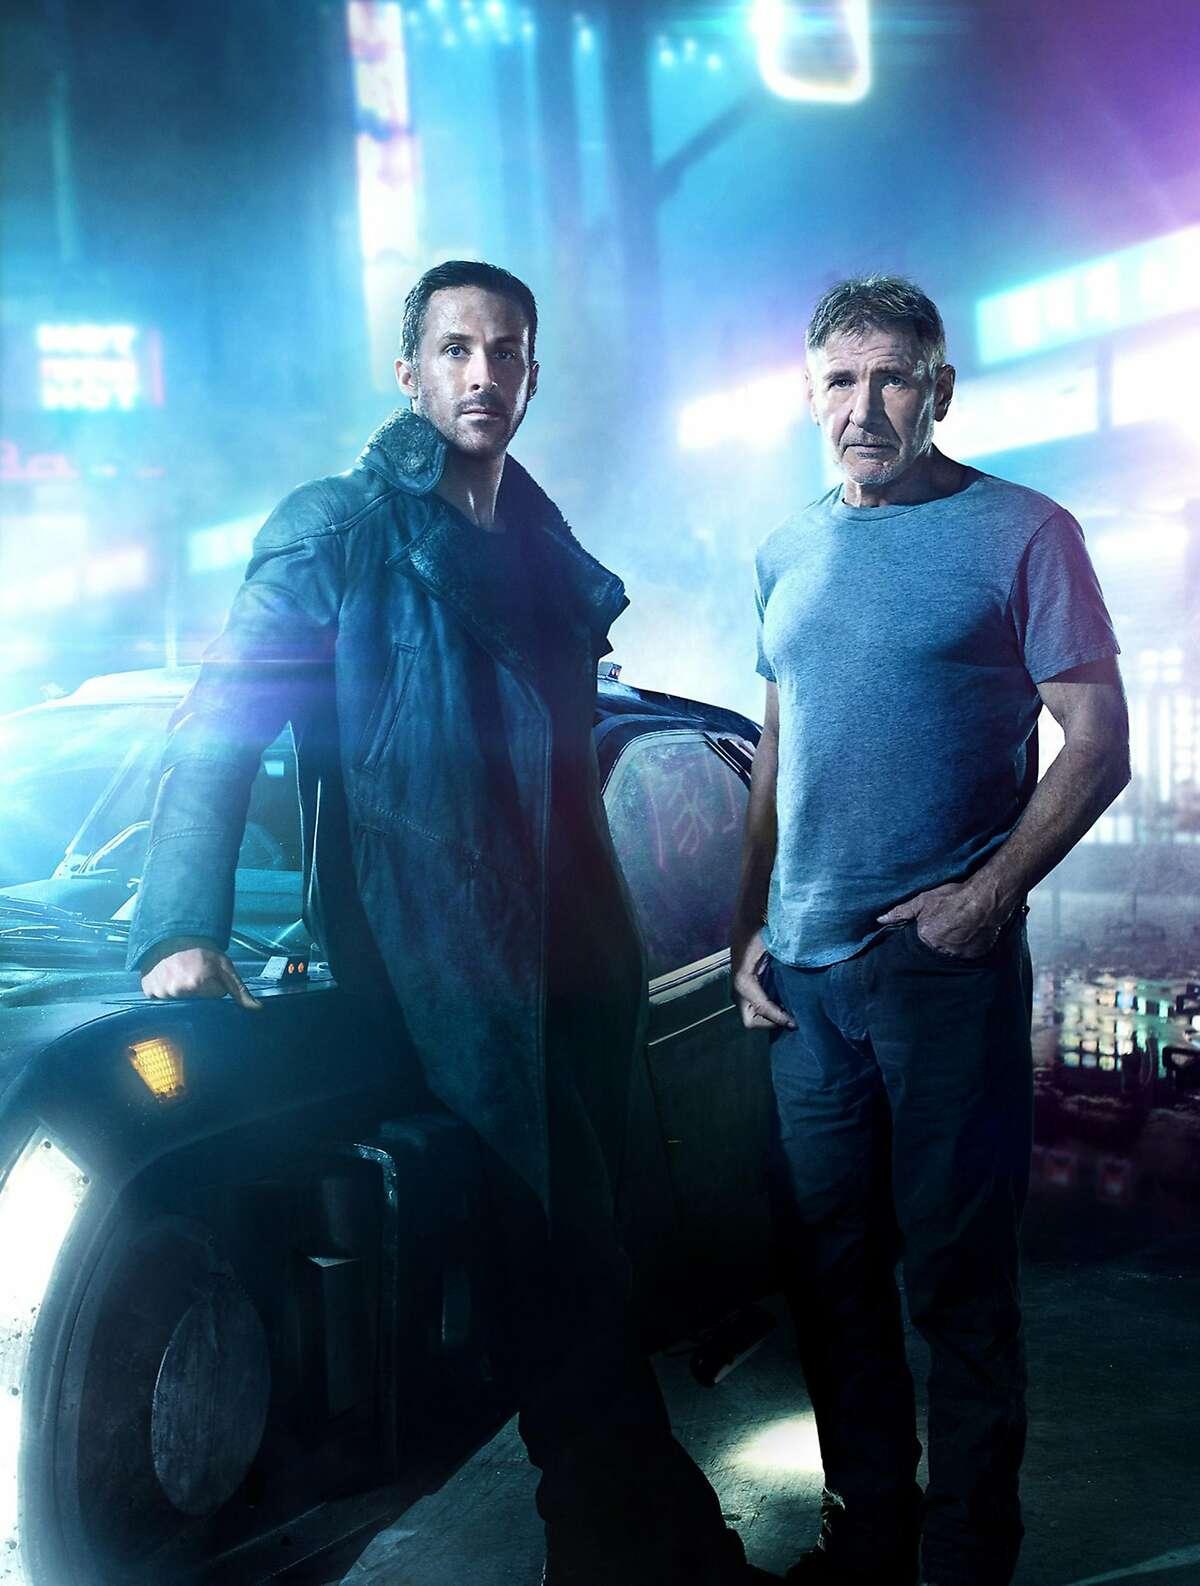 'Blade Runner 2049' opens Friday